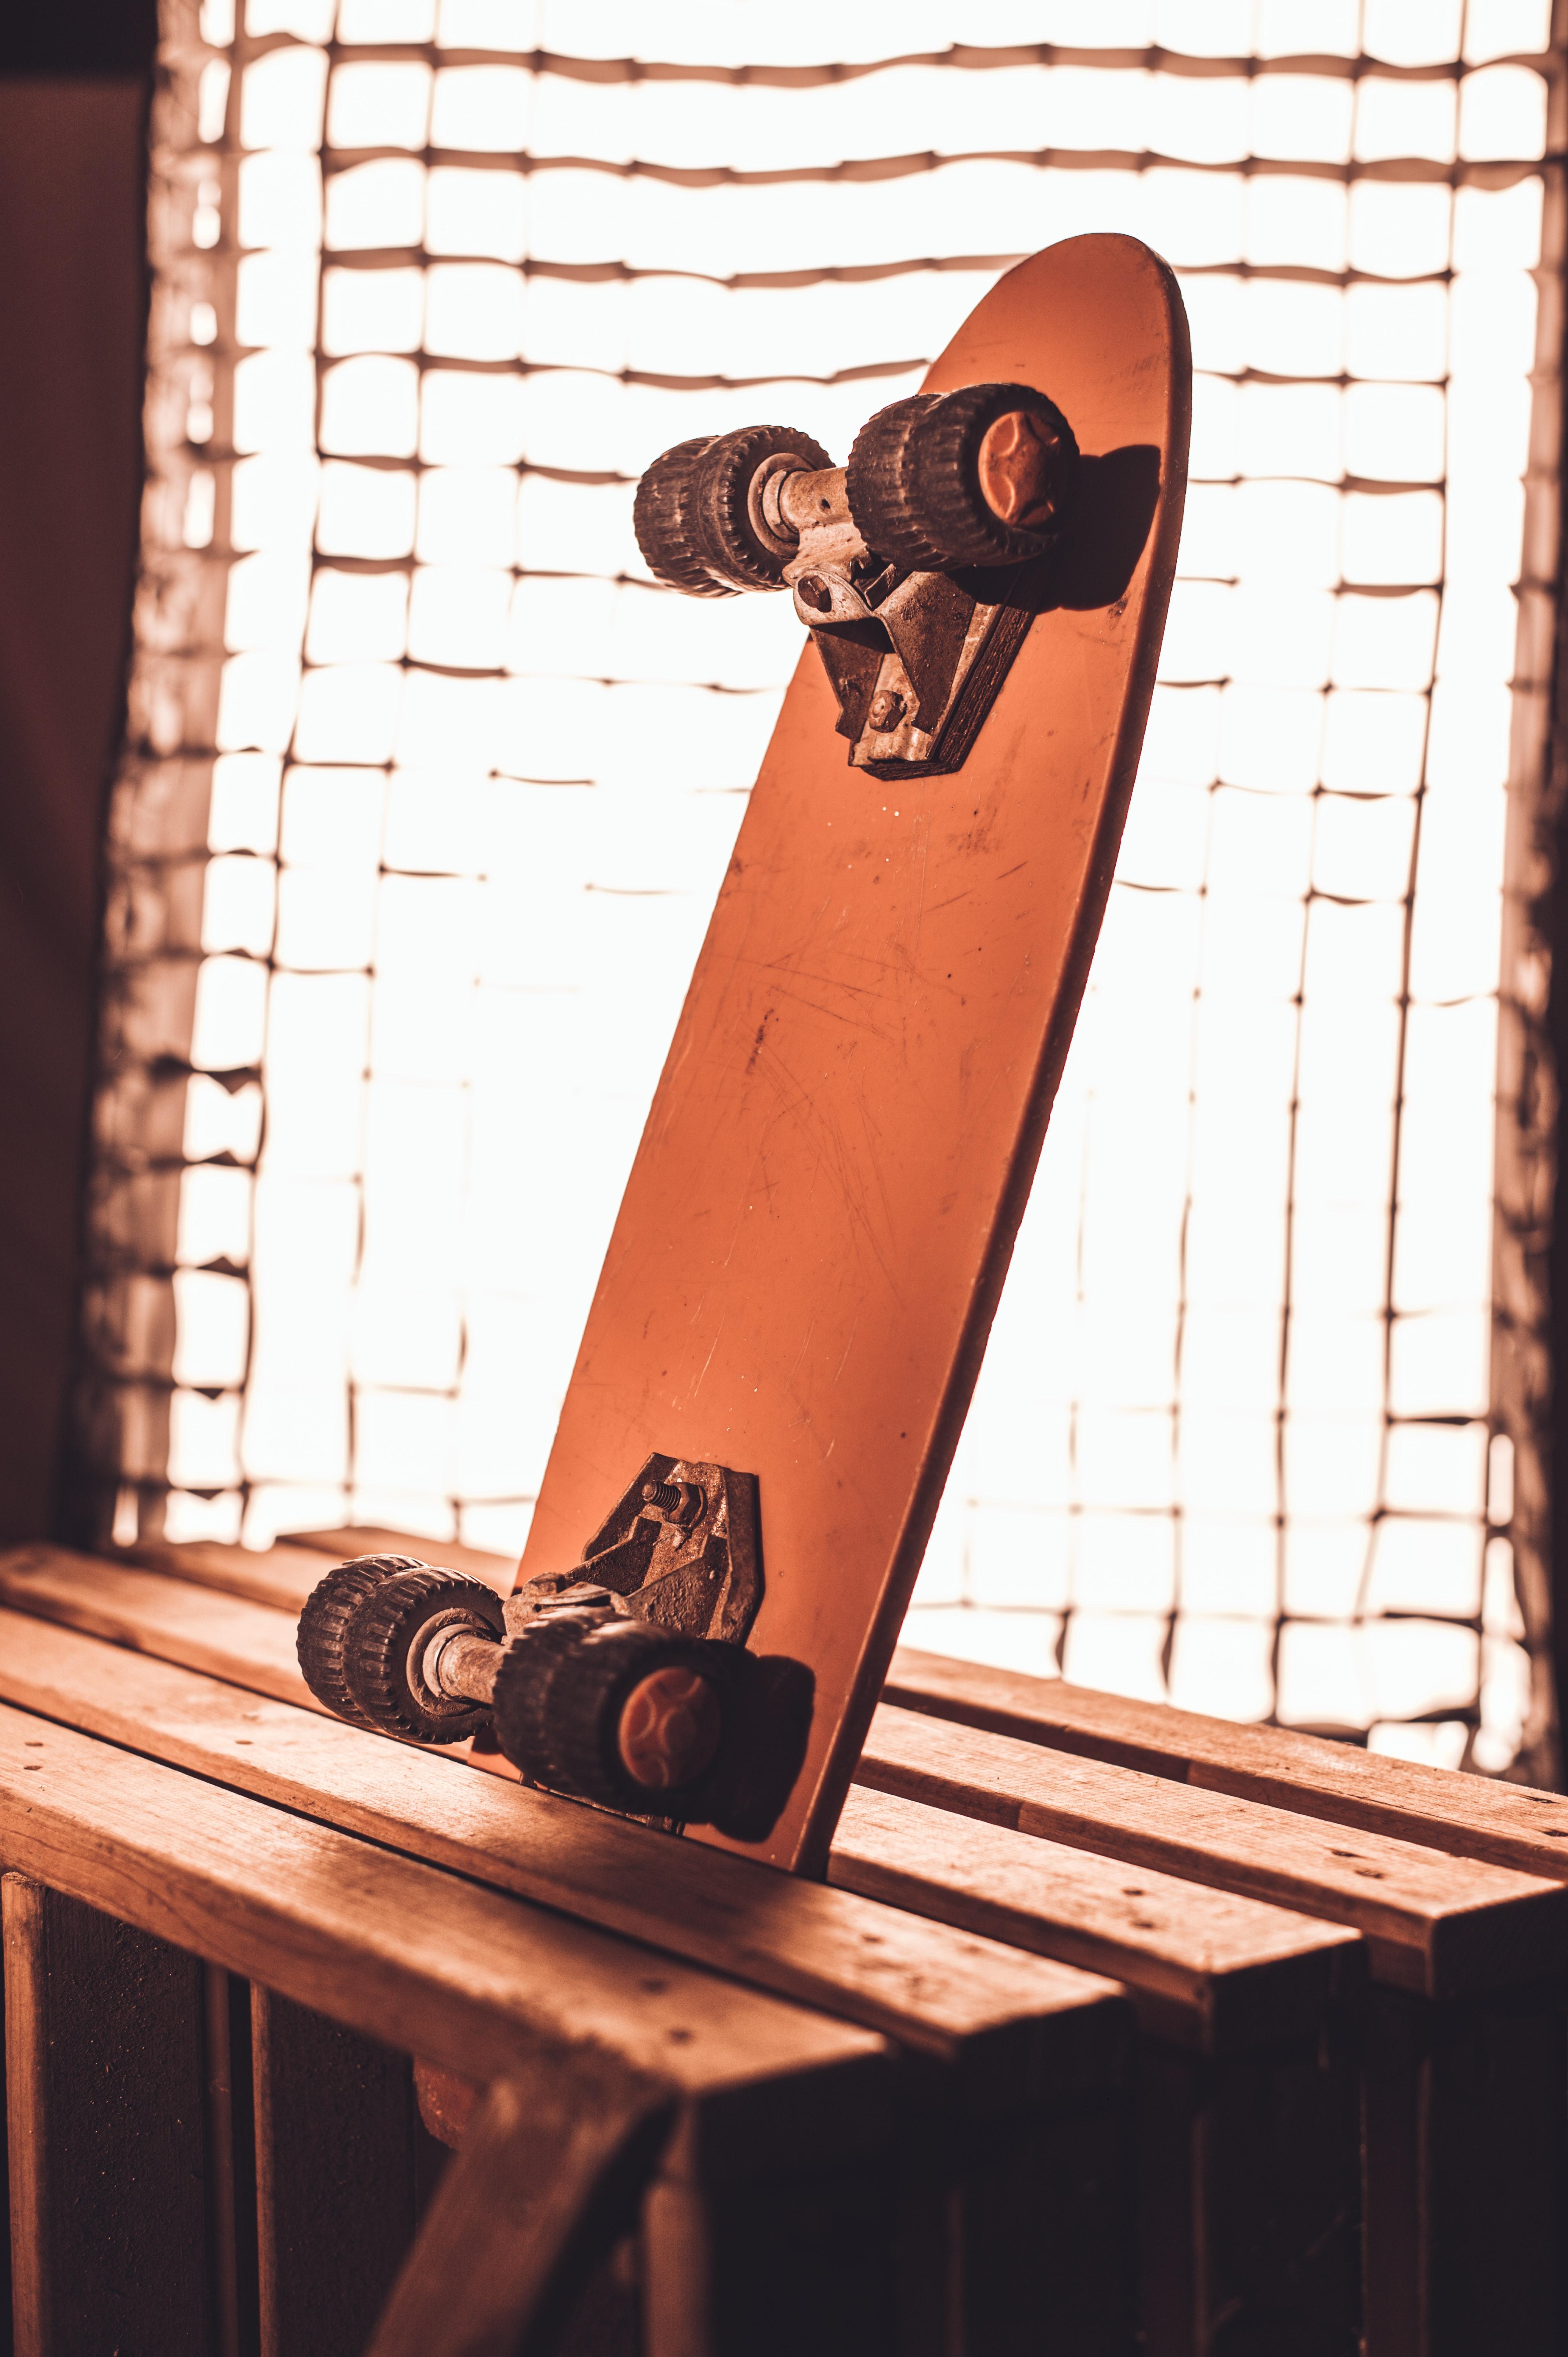 74335 скачать обои Спорт, Скейтборд, Скейт, Коричневый - заставки и картинки бесплатно